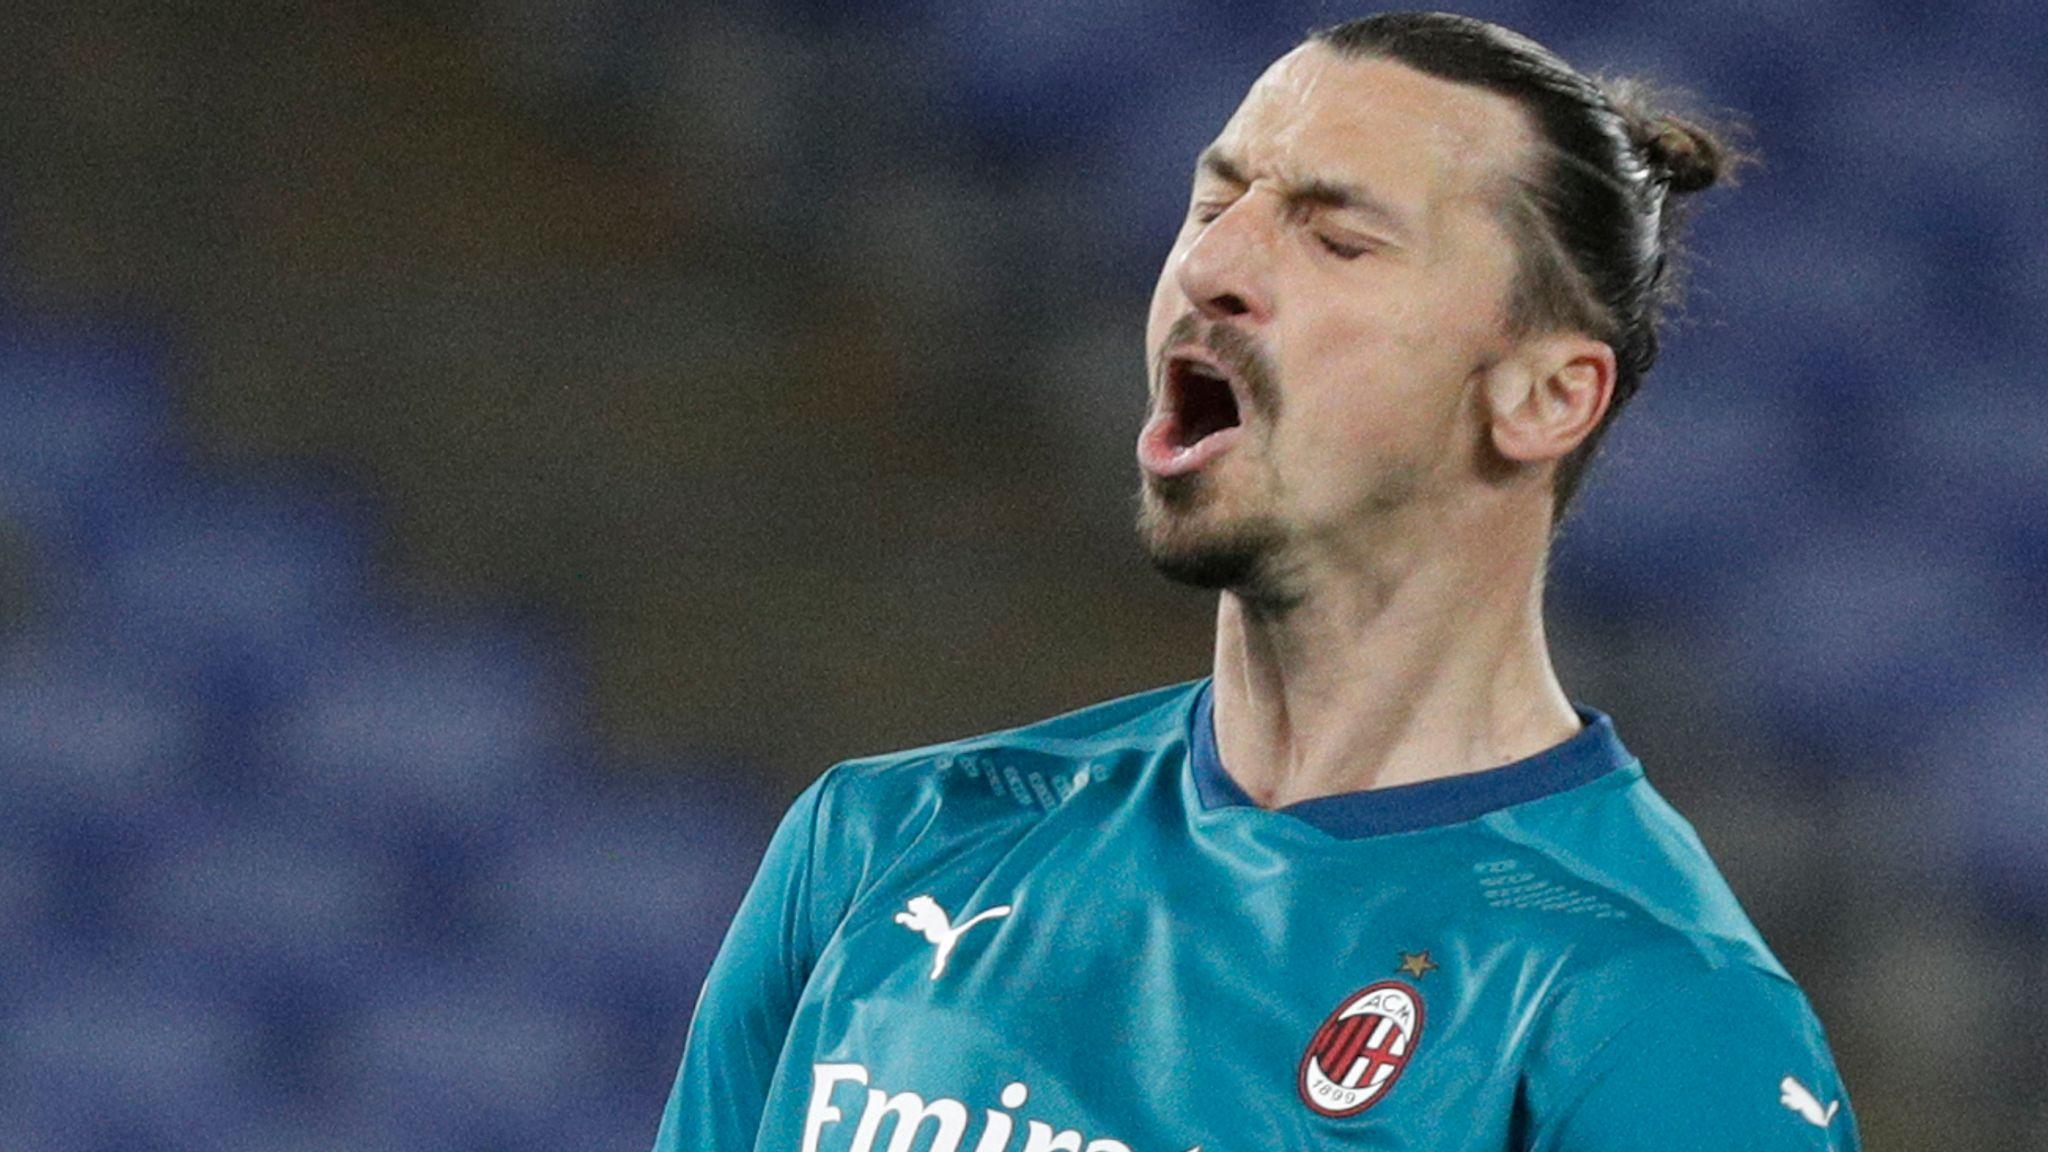 Zlatan Ibrahimovic có thể bỏ lỡ cuộc đụng độ Manchester United tại Europa League do chấn thương